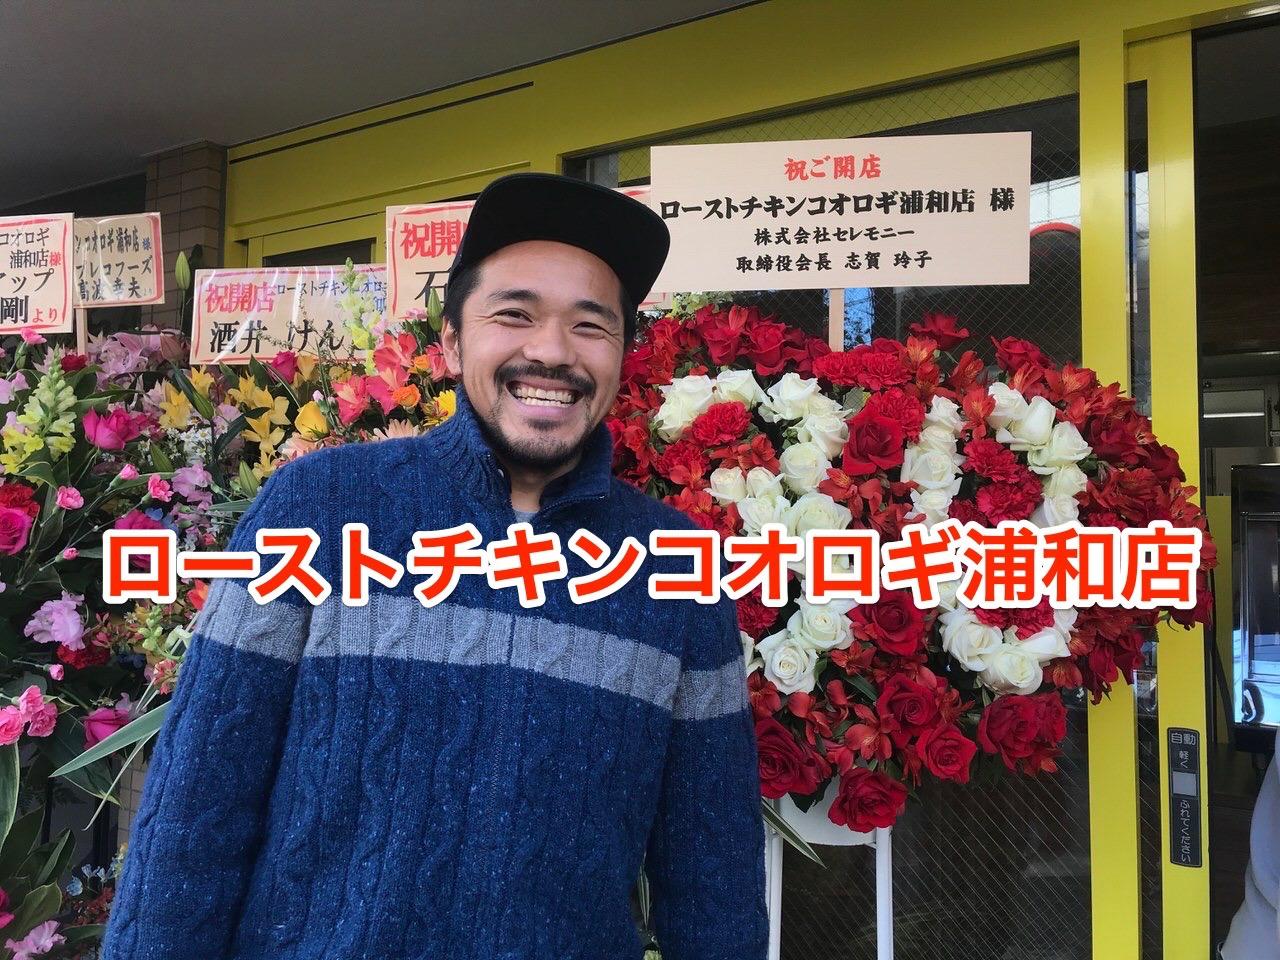 「ローストチキンコオロギ浦和店」開店!メニューと食べた感想